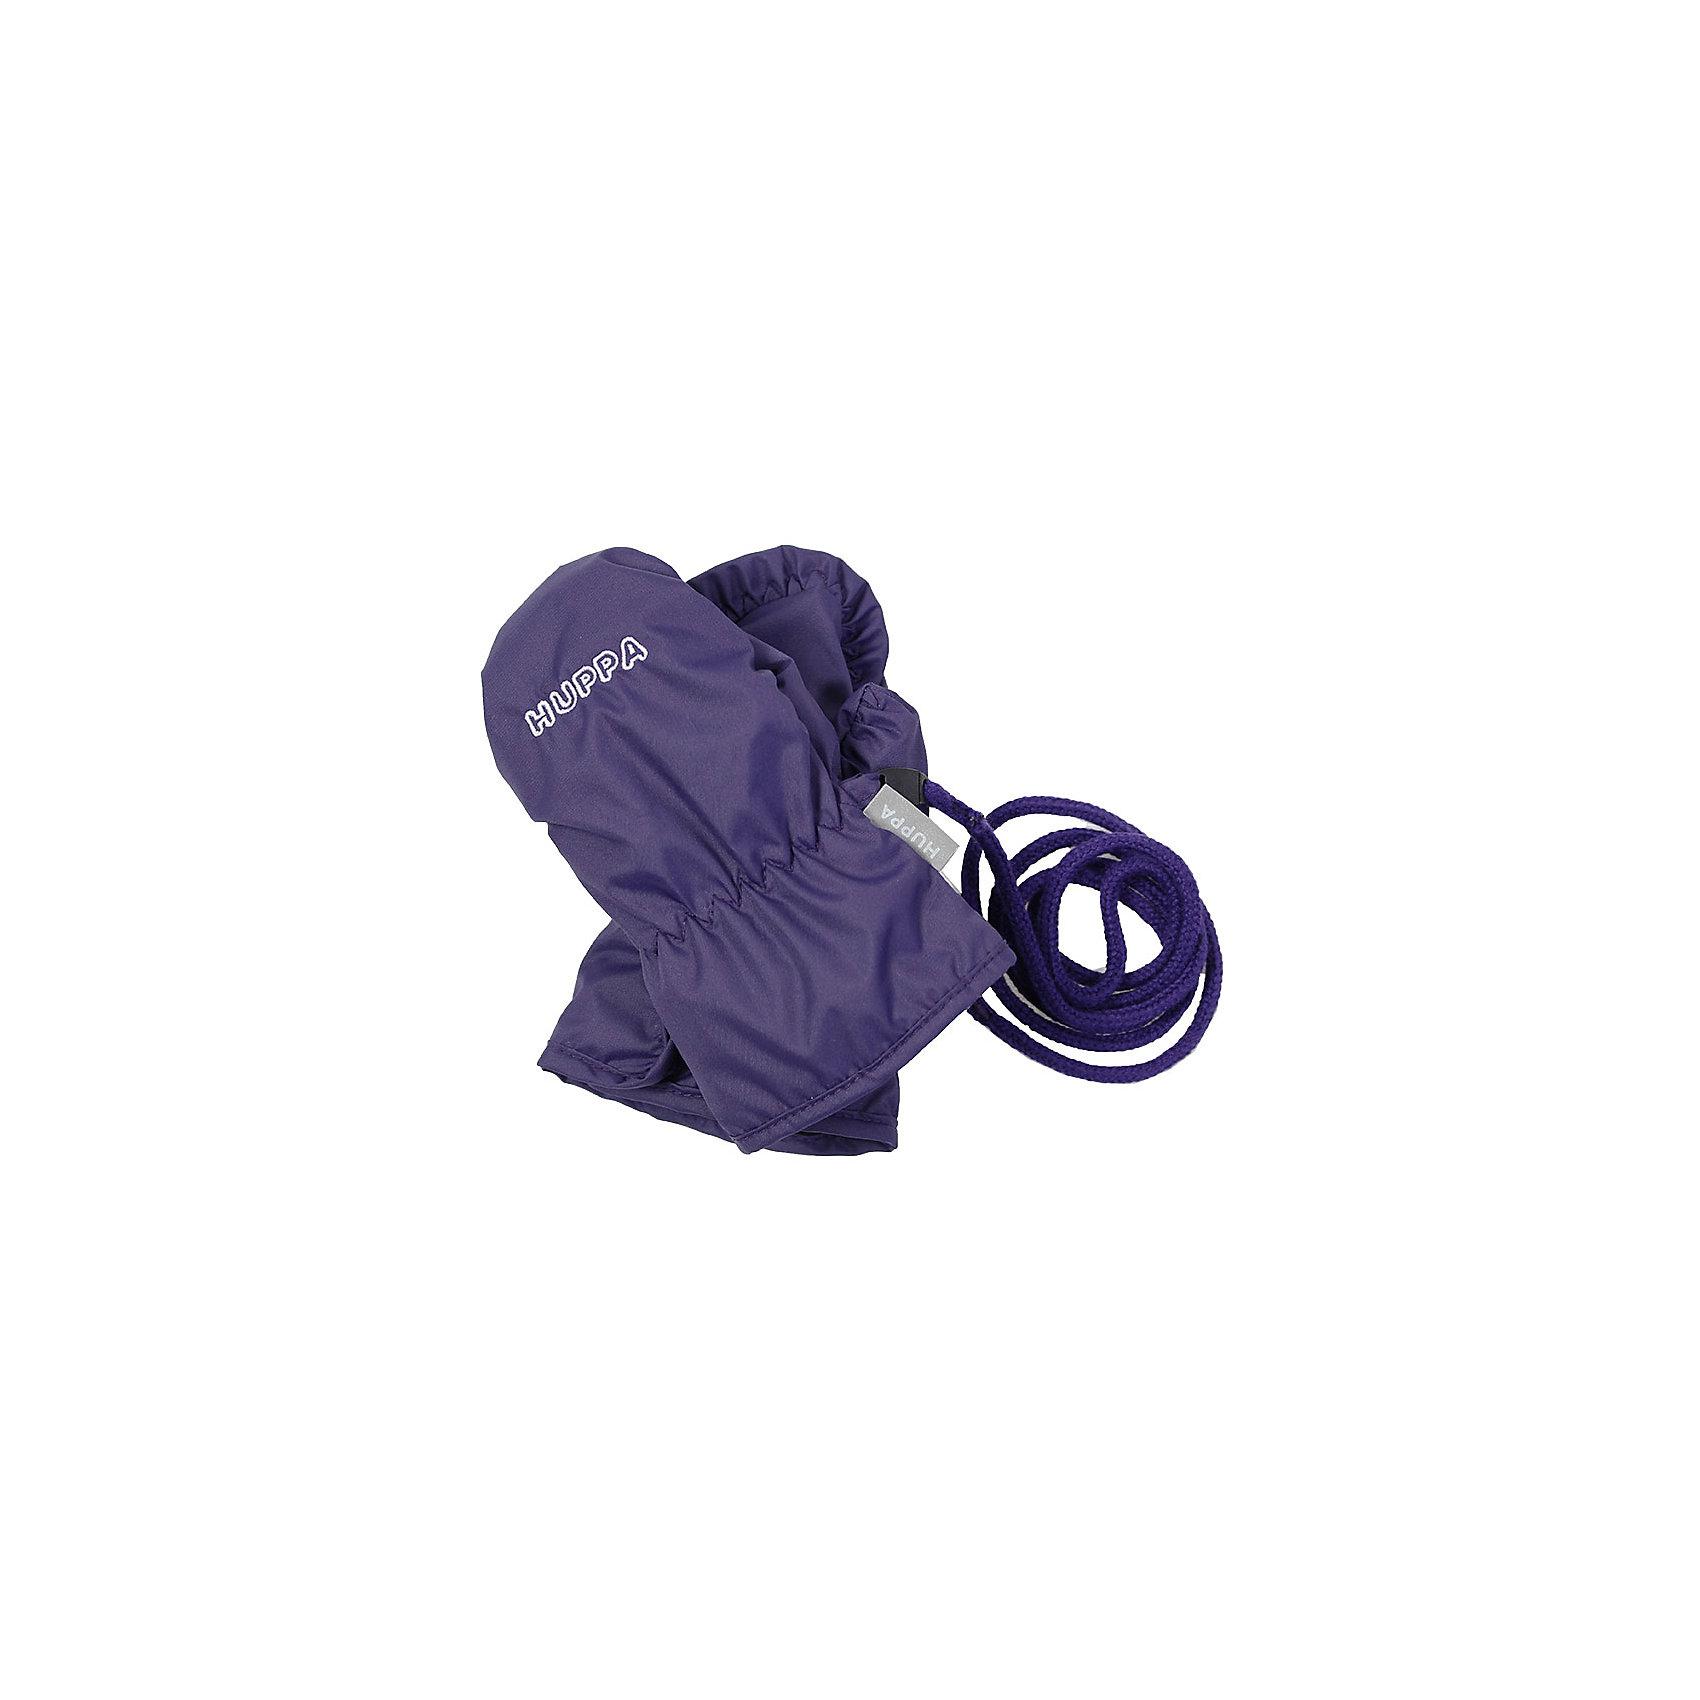 Варежки FIFI для девочки HuppaПерчатки, варежки<br>Характеристики товара:<br><br>• цвет: фиолетовый<br>• состав: 100% полиэстер<br>• подкладка: 100% полиэстер<br>• утеплитель: 100% полиэстер 40 г<br>• температурный режим: от -5°С до +10°С<br>• водонепроницаемость: 5000 мм<br>• воздухопроницаемость: 5000 мм<br>• не продуваемые<br>• логотип<br>• шнурок<br>• не промокаемые <br>• прочная ткань<br>• комфортная посадка<br>• коллекция: весна-лето 2017<br>• страна бренда: Эстония<br><br>Эти утепленные варежки обеспечат детям тепло и комфорт в межсезонье. Они сделаны из материала, отталкивающего воду, поэтому изделие идеально подходит для межсезонья. Материал изделия - с мембранной технологией: защищая от влаги и ветра, он легко выводит лишнюю влагу наружу. Варежки очень симпатично смотрятся. Модель была разработана специально для детей.<br><br>Одежда и обувь от популярного эстонского бренда Huppa - отличный вариант одеть ребенка можно и комфортно. Вещи, выпускаемые компанией, качественные, продуманные и очень удобные. Для производства изделий используются только безопасные для детей материалы. Продукция от Huppa порадует и детей, и их родителей!<br><br>Варежки для девочки от бренда Huppa (Хуппа) можно купить в нашем интернет-магазине.<br><br>Ширина мм: 162<br>Глубина мм: 171<br>Высота мм: 55<br>Вес г: 119<br>Цвет: розовый<br>Возраст от месяцев: 48<br>Возраст до месяцев: 60<br>Пол: Женский<br>Возраст: Детский<br>Размер: 2,1<br>SKU: 5347903